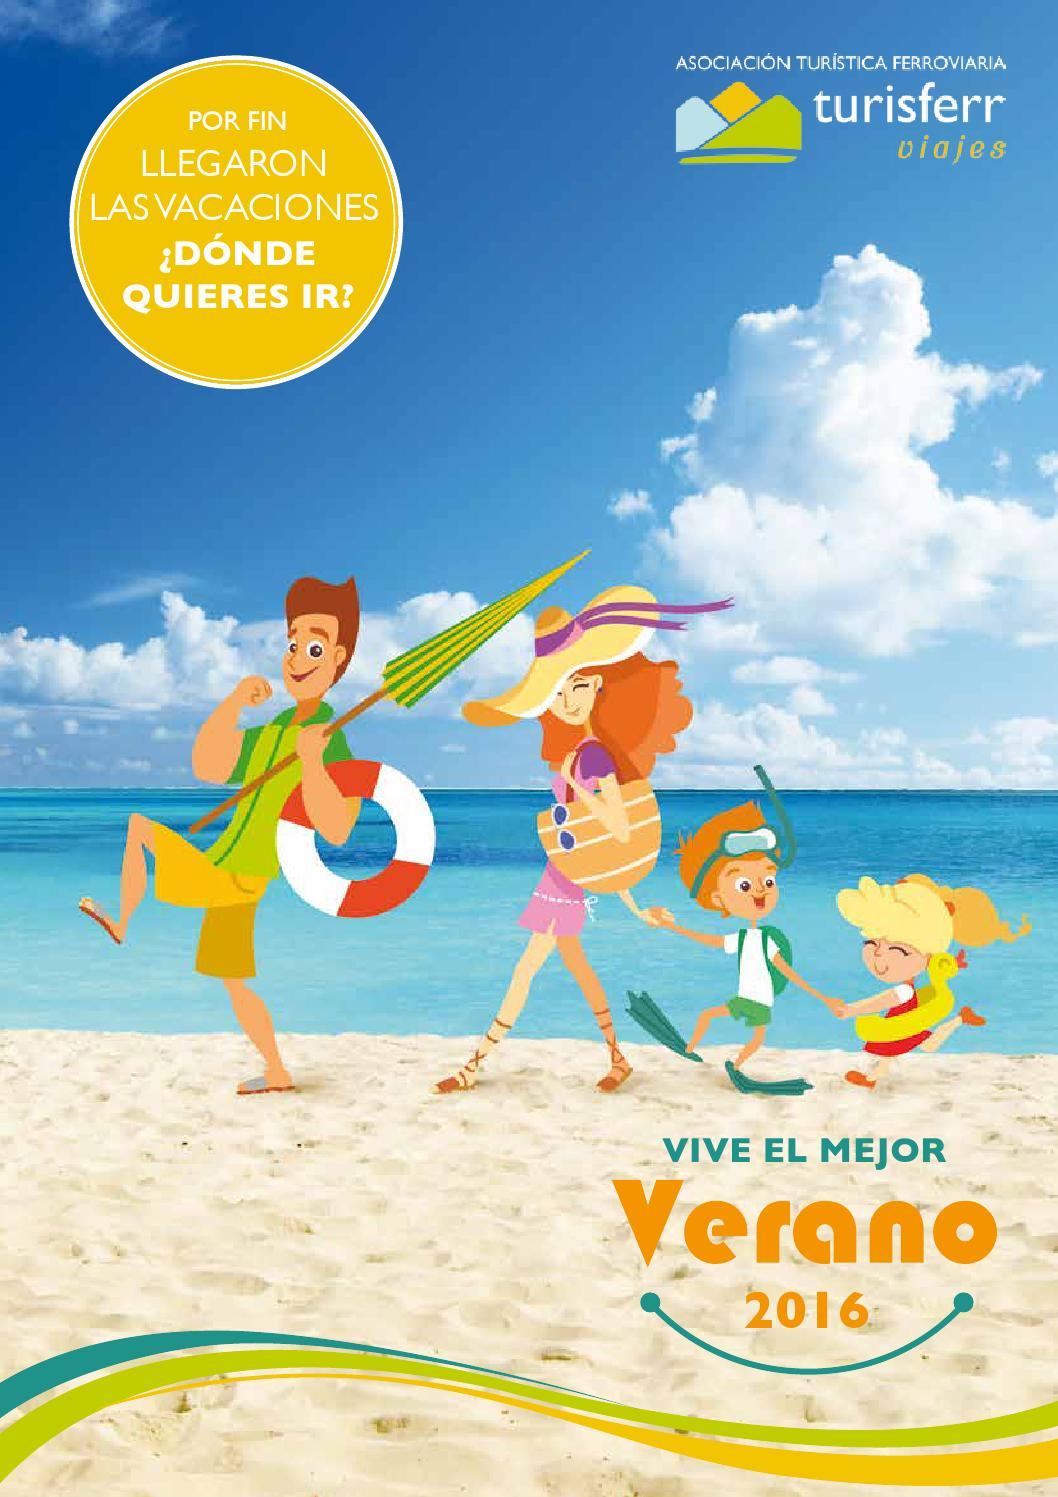 Folleto Verano 2016 by ATF Turisferr - issuu c66ed56e007a